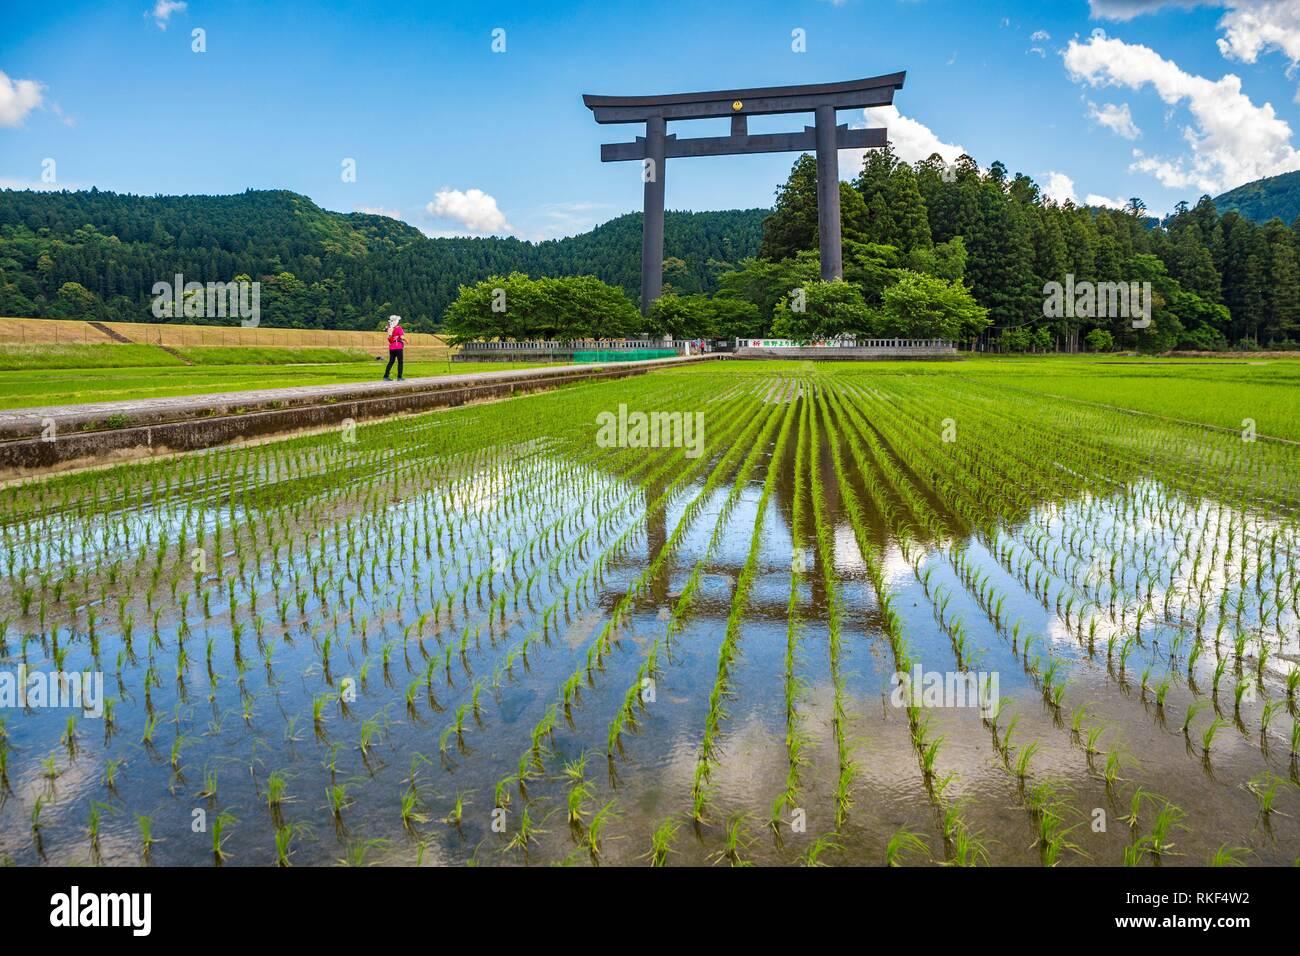 Pèlerinage de Kumano kodo. Otorii. Tori culte porte qui marque l'entrée de Oyunohara. Nakahechi. La préfecture de Wakayama. La péninsule de Kii. Kansai Photo Stock